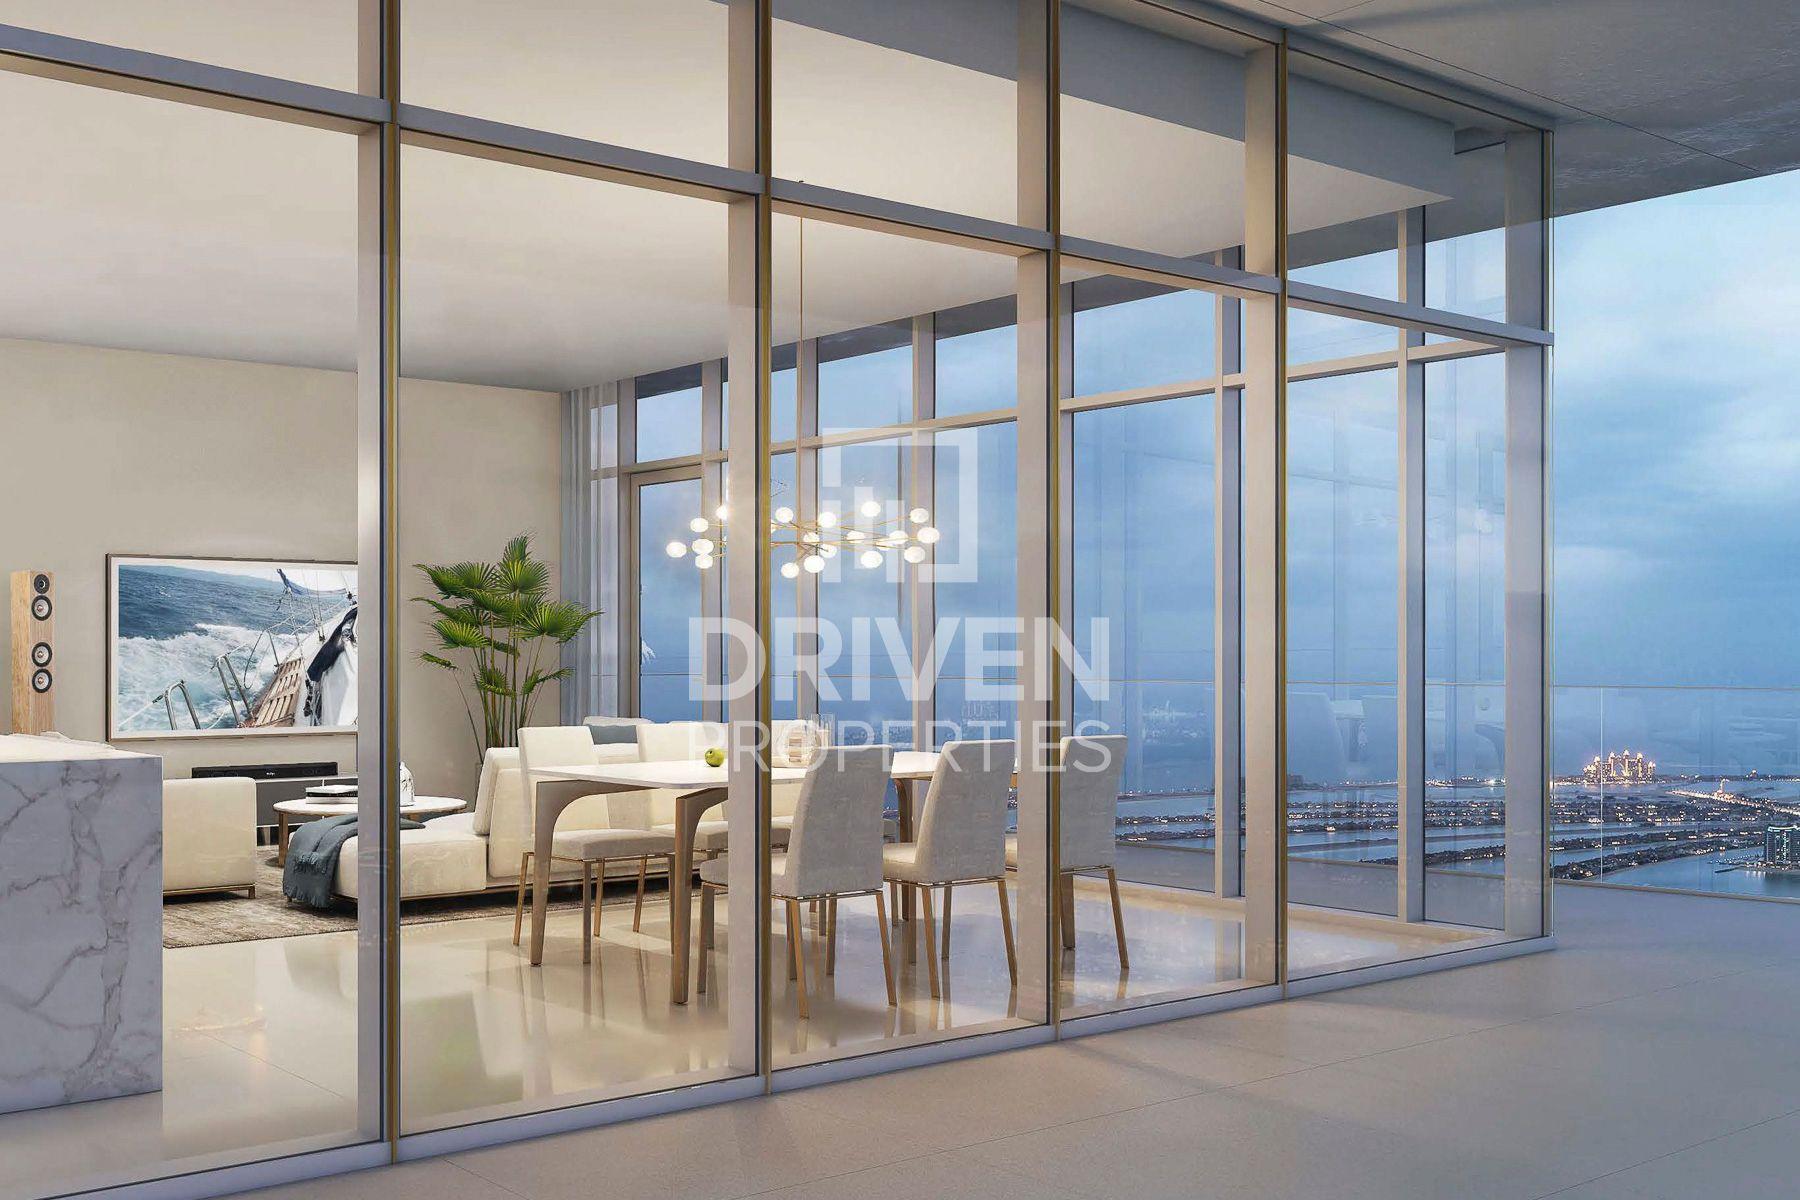 1,979 قدم مربع  شقة - للبيع - دبي هاربور